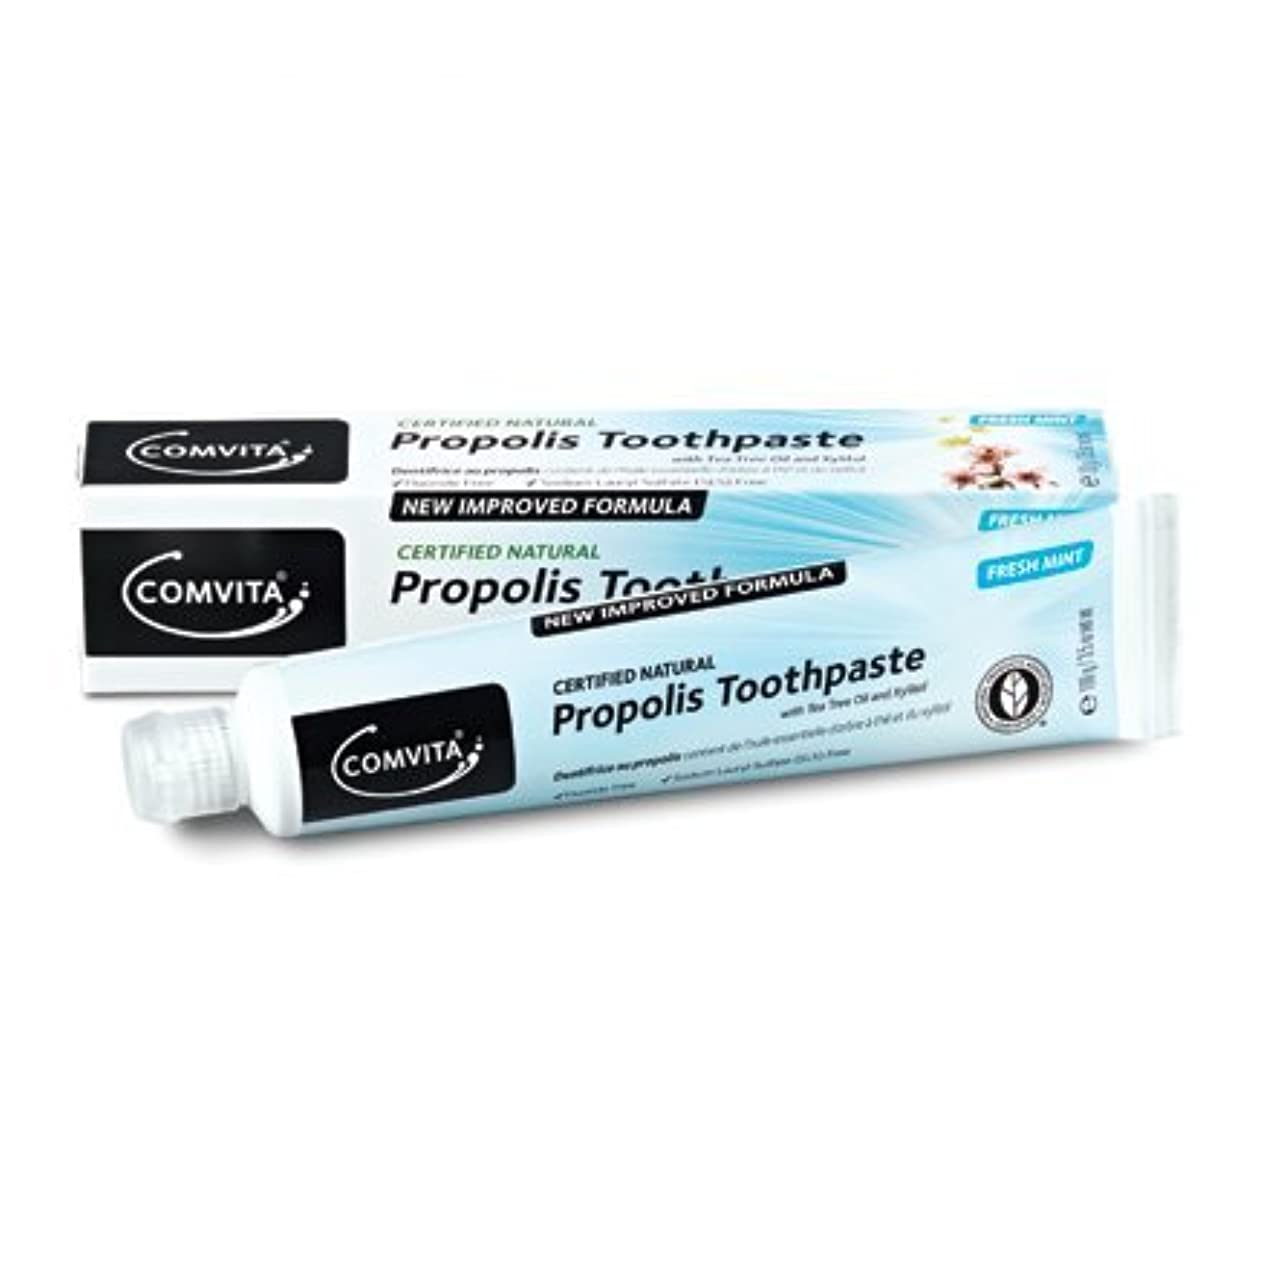 100% ナチュラル プロポリス 歯磨き粉 PROPOLIS TOOTHPASTE 100g [並行輸入品]